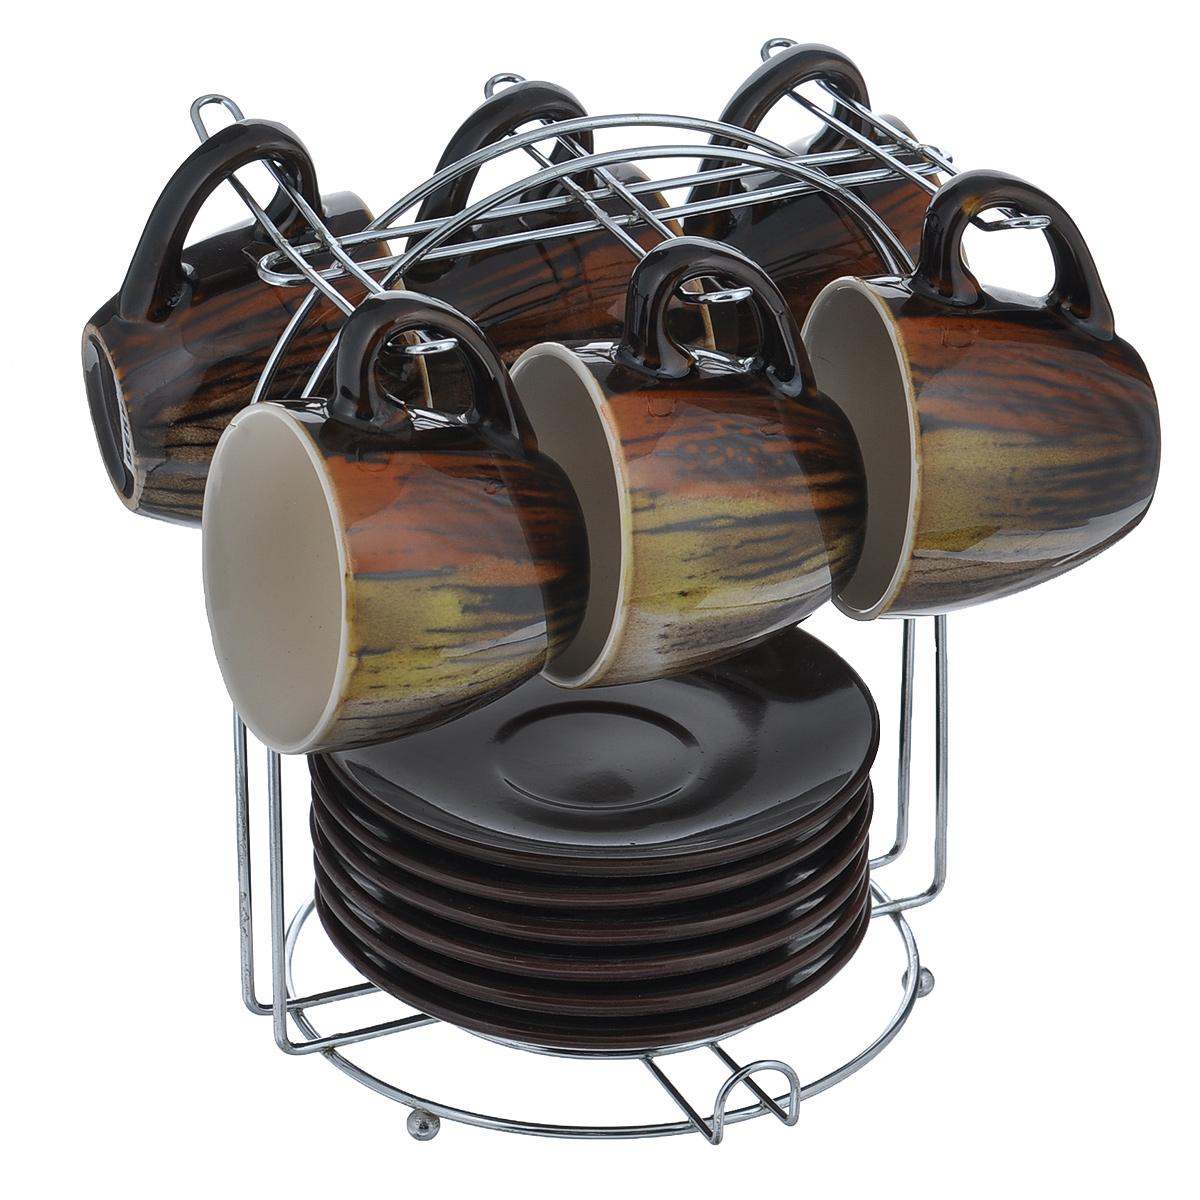 Набор кофейный Bekker Koch, цвет: коричневый, 13 предметовVT-1520(SR)Набор кофейный Bekker Koch изготовлен из жаропрочной керамики. В набор входит: шесть чашек, шесть блюдец и одна подставка.Подставка изготовлена из металла. Кофейный набор на подставке не займет много места. Набор кофейный Bekker Koch украсит ваш праздничный стол и порадует вас и ваших гостей необычным дизайном и изящными формами. Набор станет чудесным подарком к любому случаю.Можно мыть в посудомоечной машите. Диаметр чашки: 6,5 см. Высота чашки: 6 см. Диаметр блюдца: 11 см. Объем чашки: 90 мл. Размер подставки: 12 см х 16 см х 17 см.